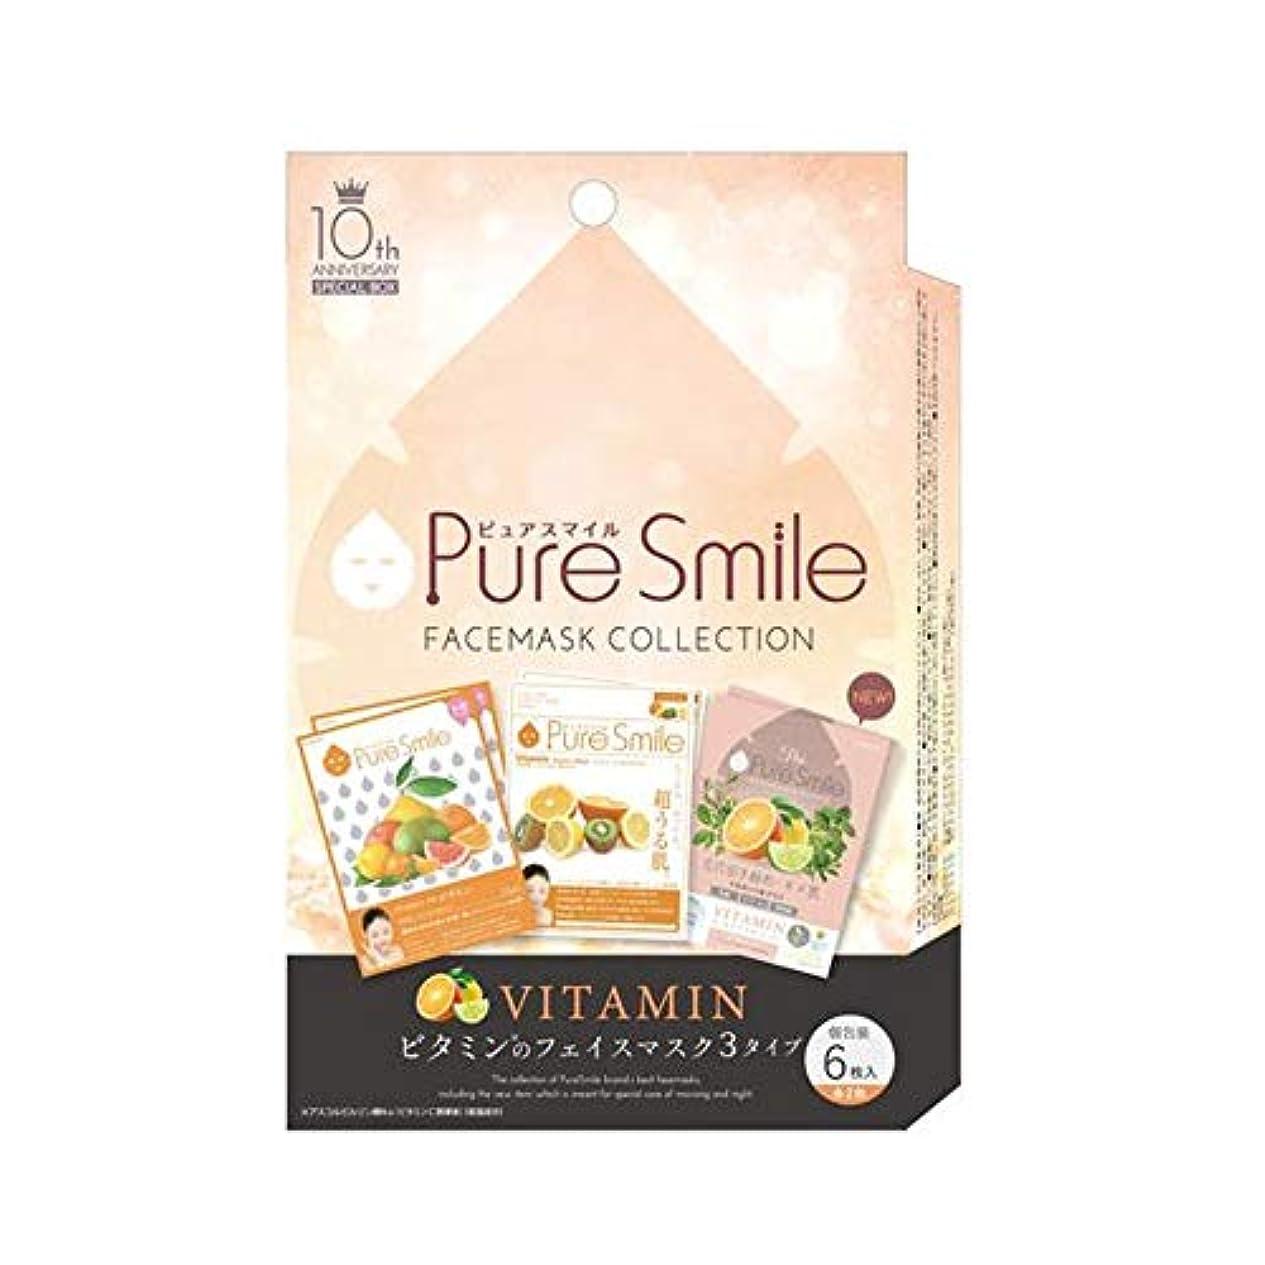 無駄だ便利さ男ピュア スマイル Pure Smile 10thアニバーサリー スペシャルボックス ビタミン 6枚入り